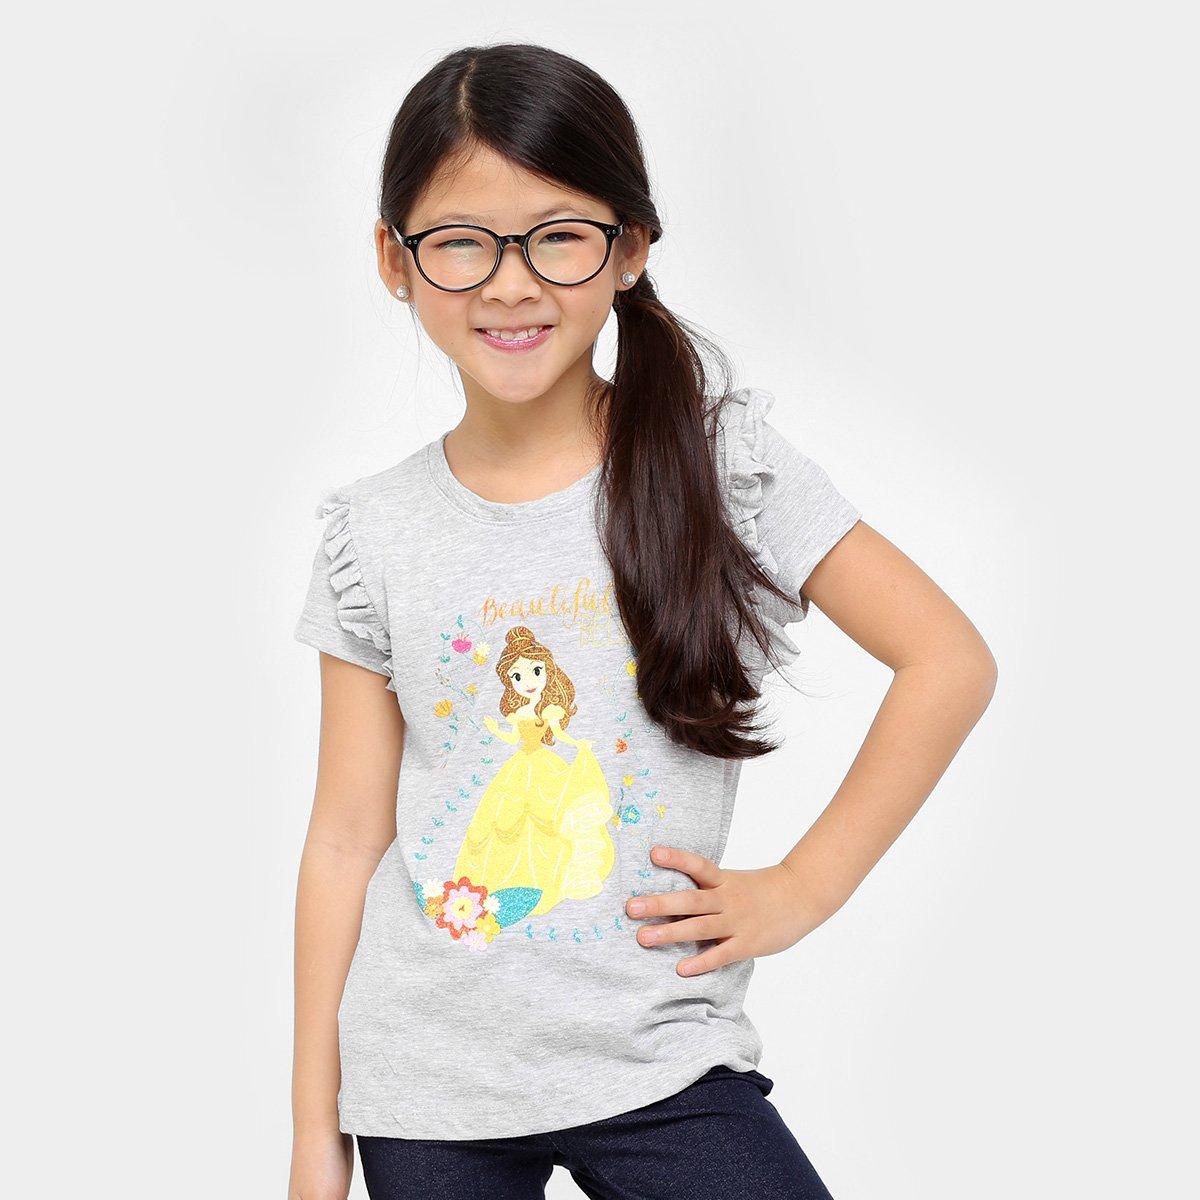 Camiseta Bela Camiseta Mescla Infantil Disney Disney 8YFxOq